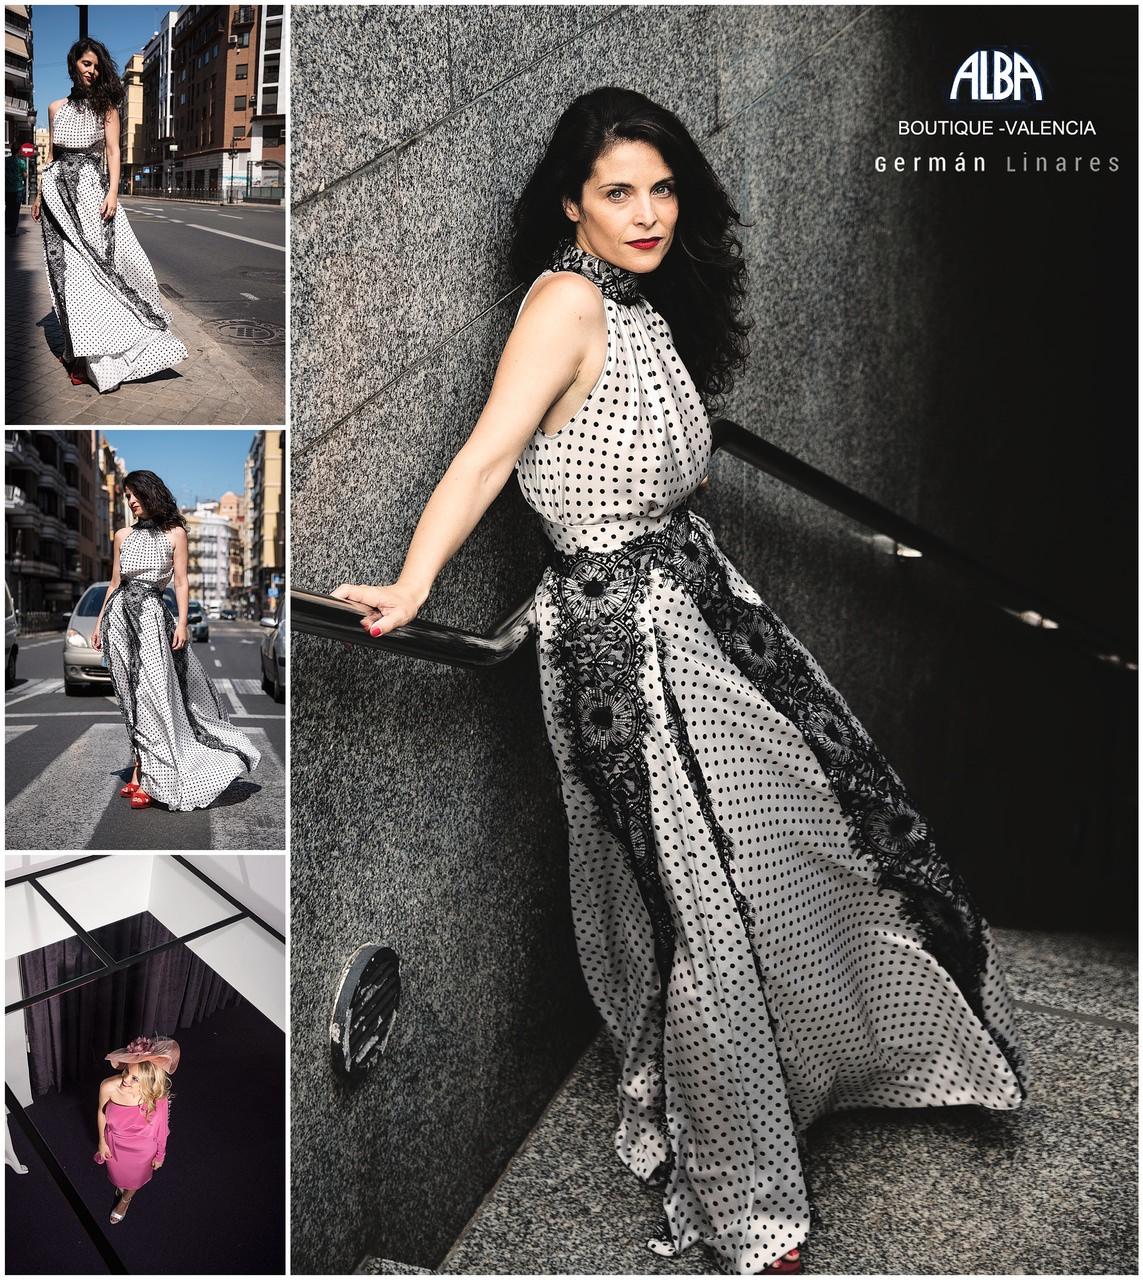 fotografo de moda en valencia, tienda de ropa alba3